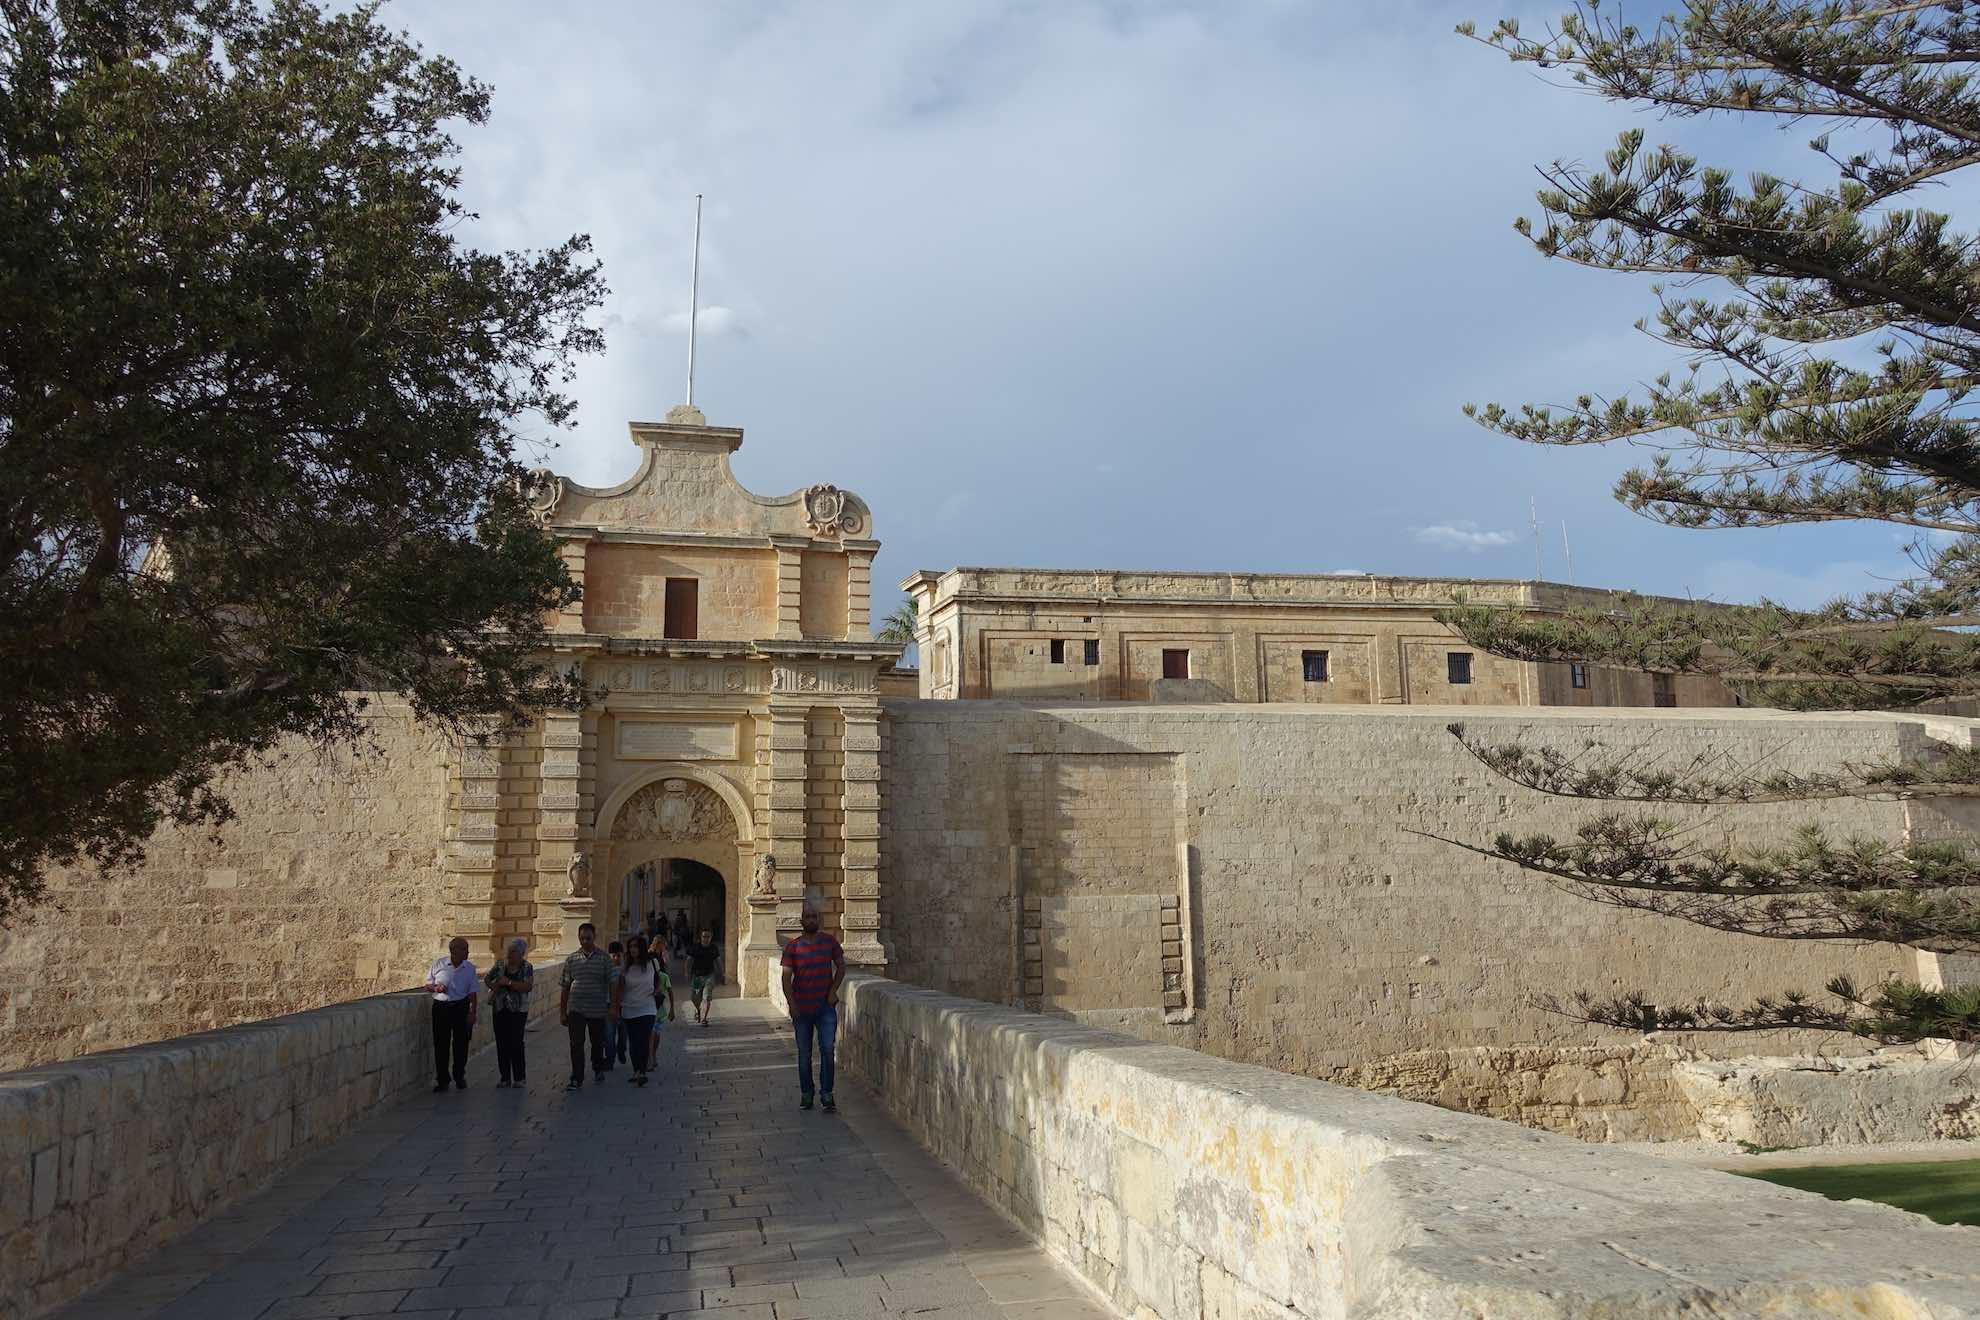 Die alte Hauptstadt Mdina ist eine Zitadelle und komplett von Mauern umgeben.